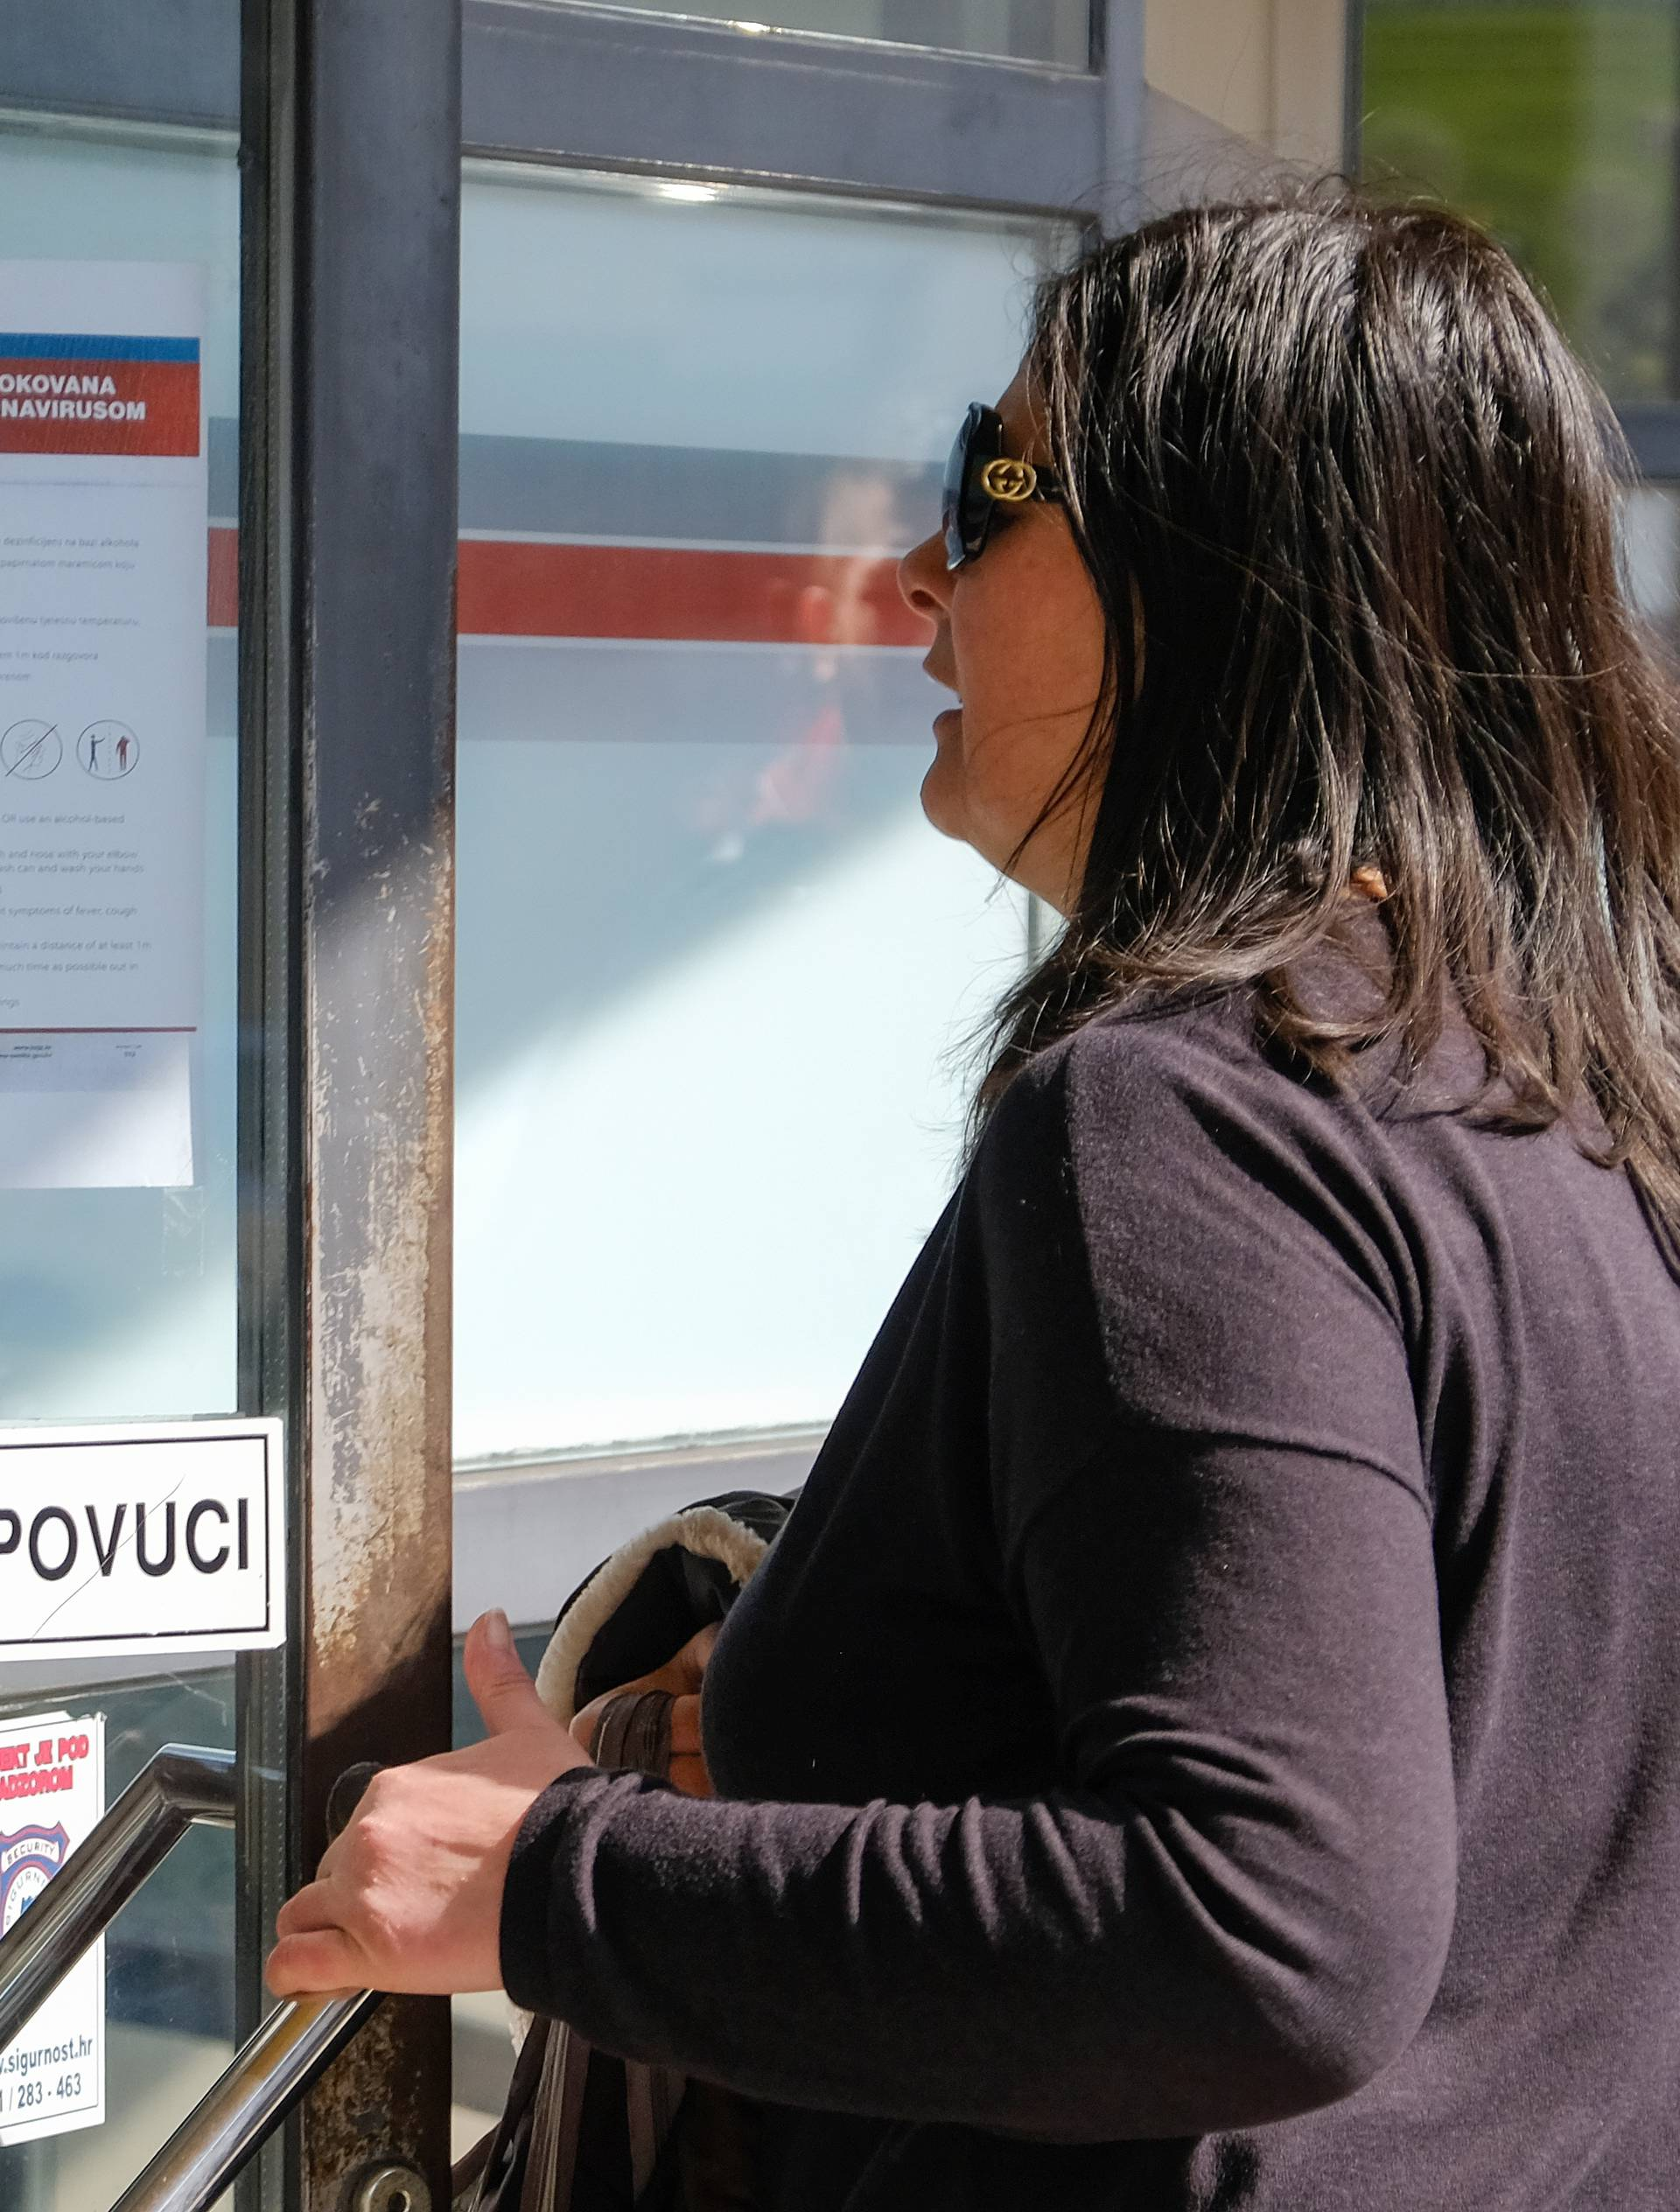 U mjesec dana otpušteno skoro 20 tisuća radnika u Hrvatskoj